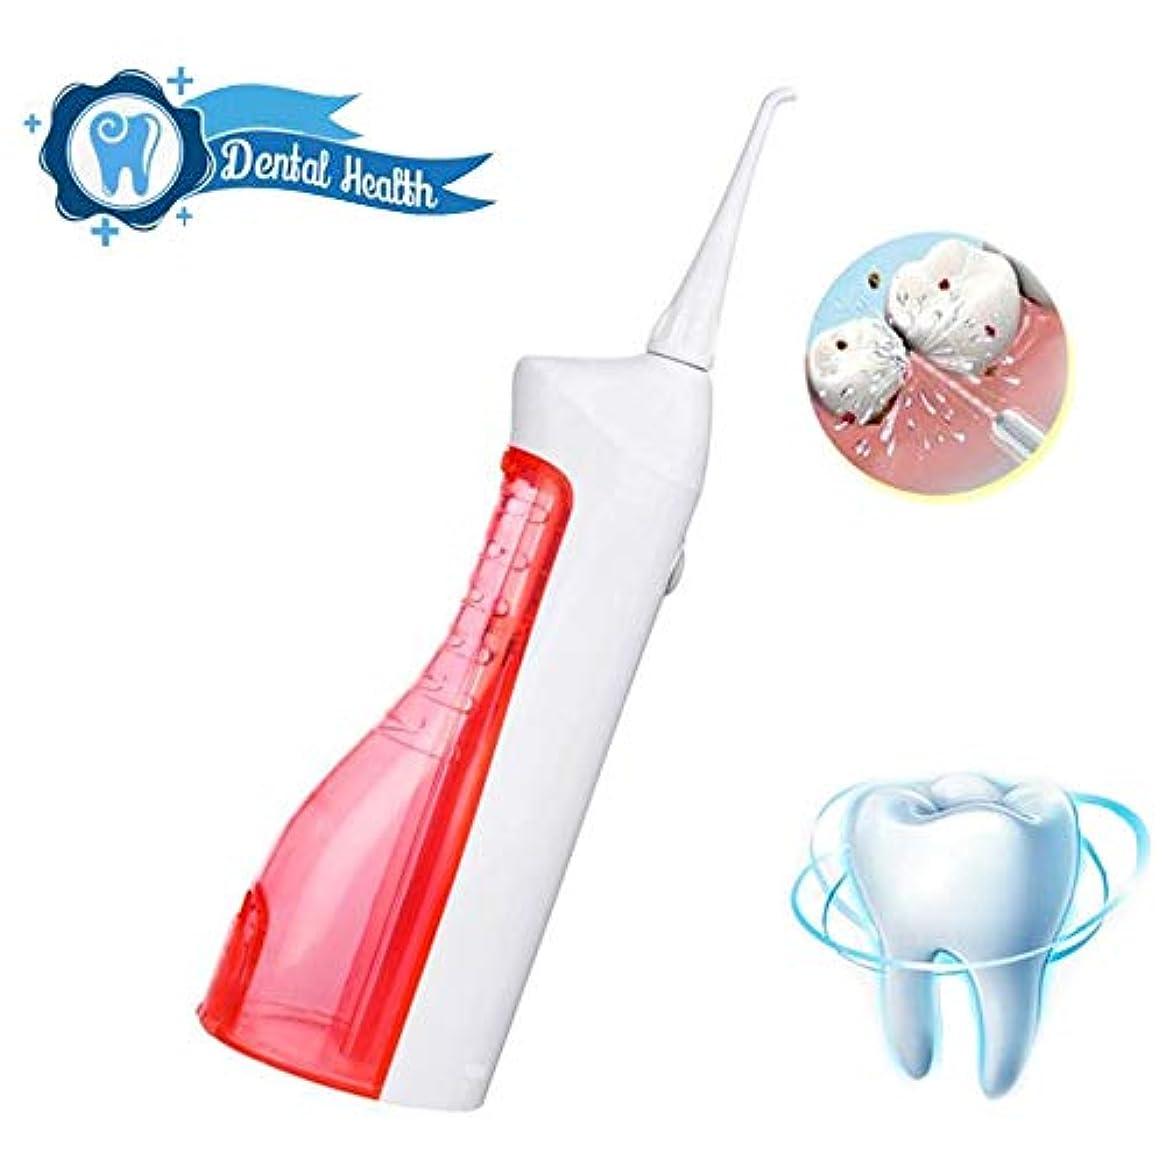 富豪スーパースチール歯のためのウォーターフロッサー、ポータブルプロフェッショナルコードレス歯科口腔灌漑器(150mlタンク、2本のジェットチップ付き)歯磨き粉用クリーナー、2つのクリーニングモード、USB充電式、IPX7